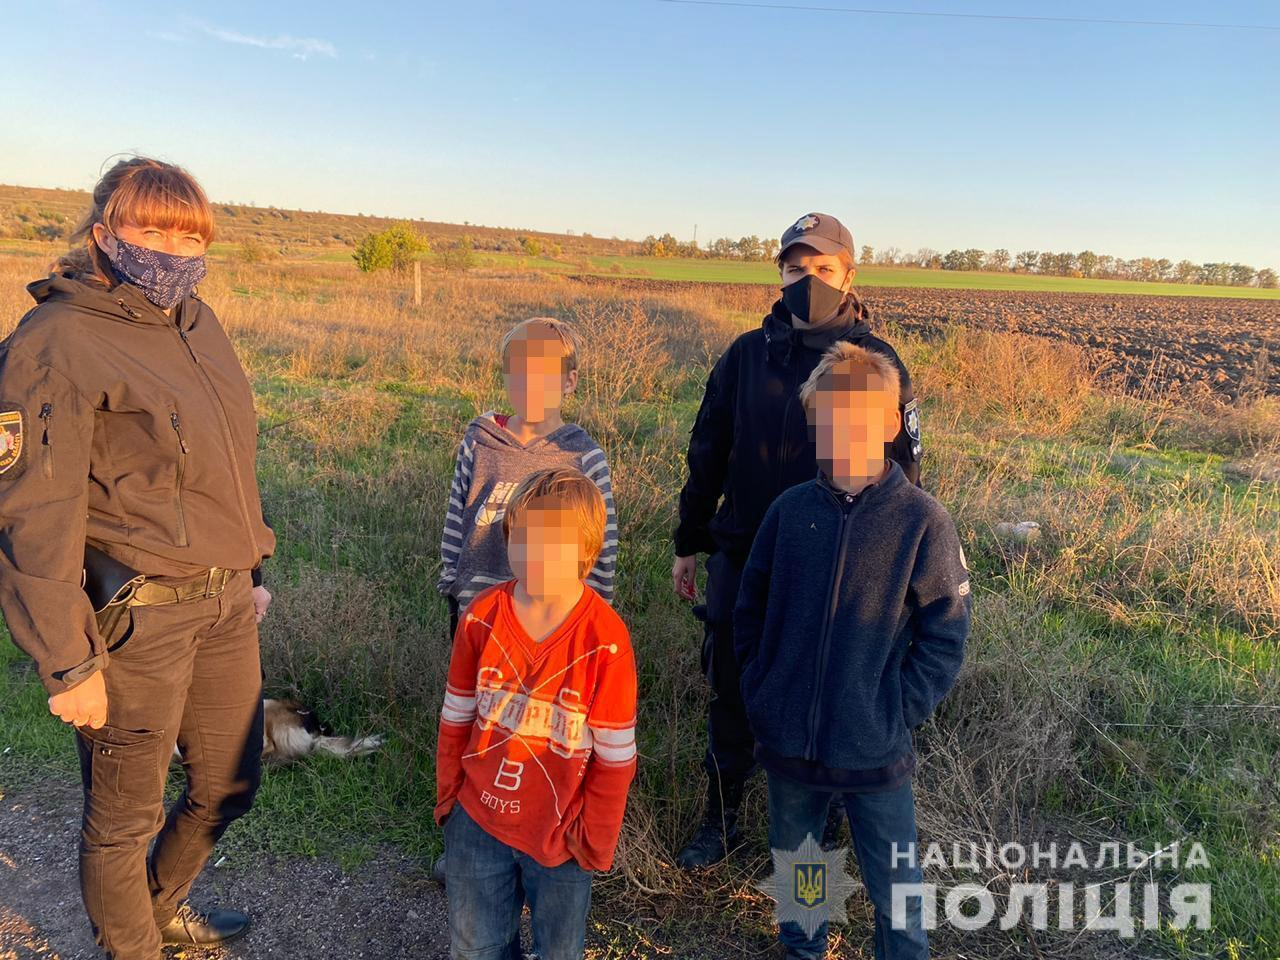 Малышей нашли на железной дороге.